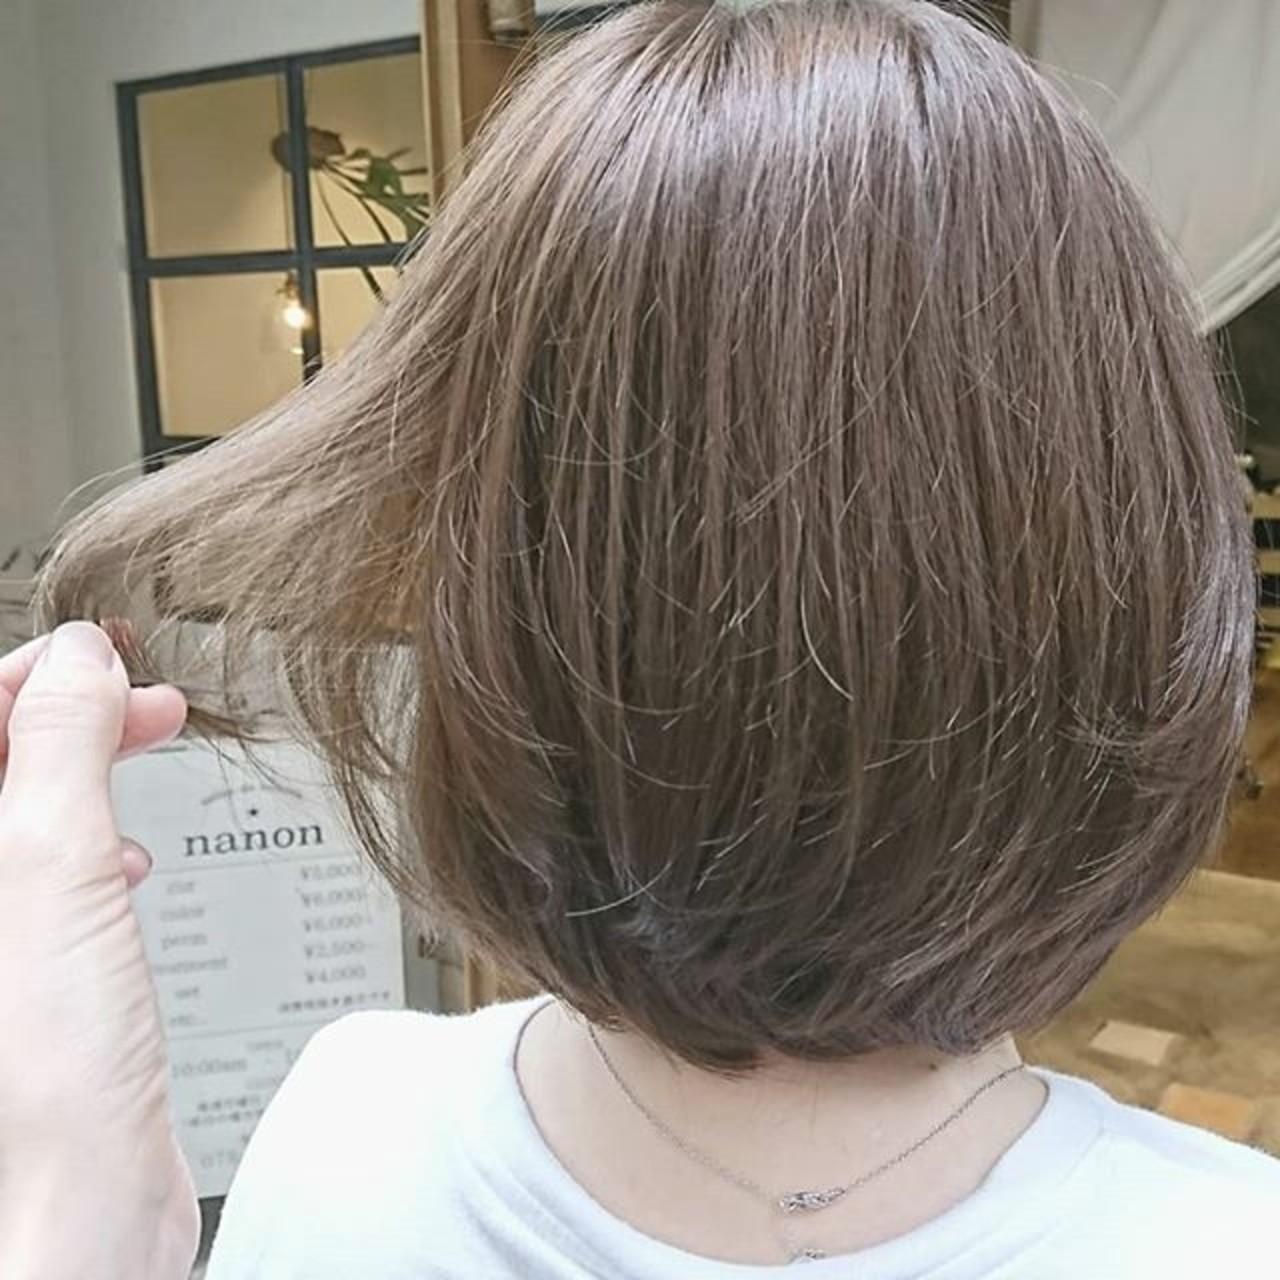 ナチュラル ゆるふわ 大人かわいい ショート ヘアスタイルや髪型の写真・画像 | 浦川由起江 / nanon